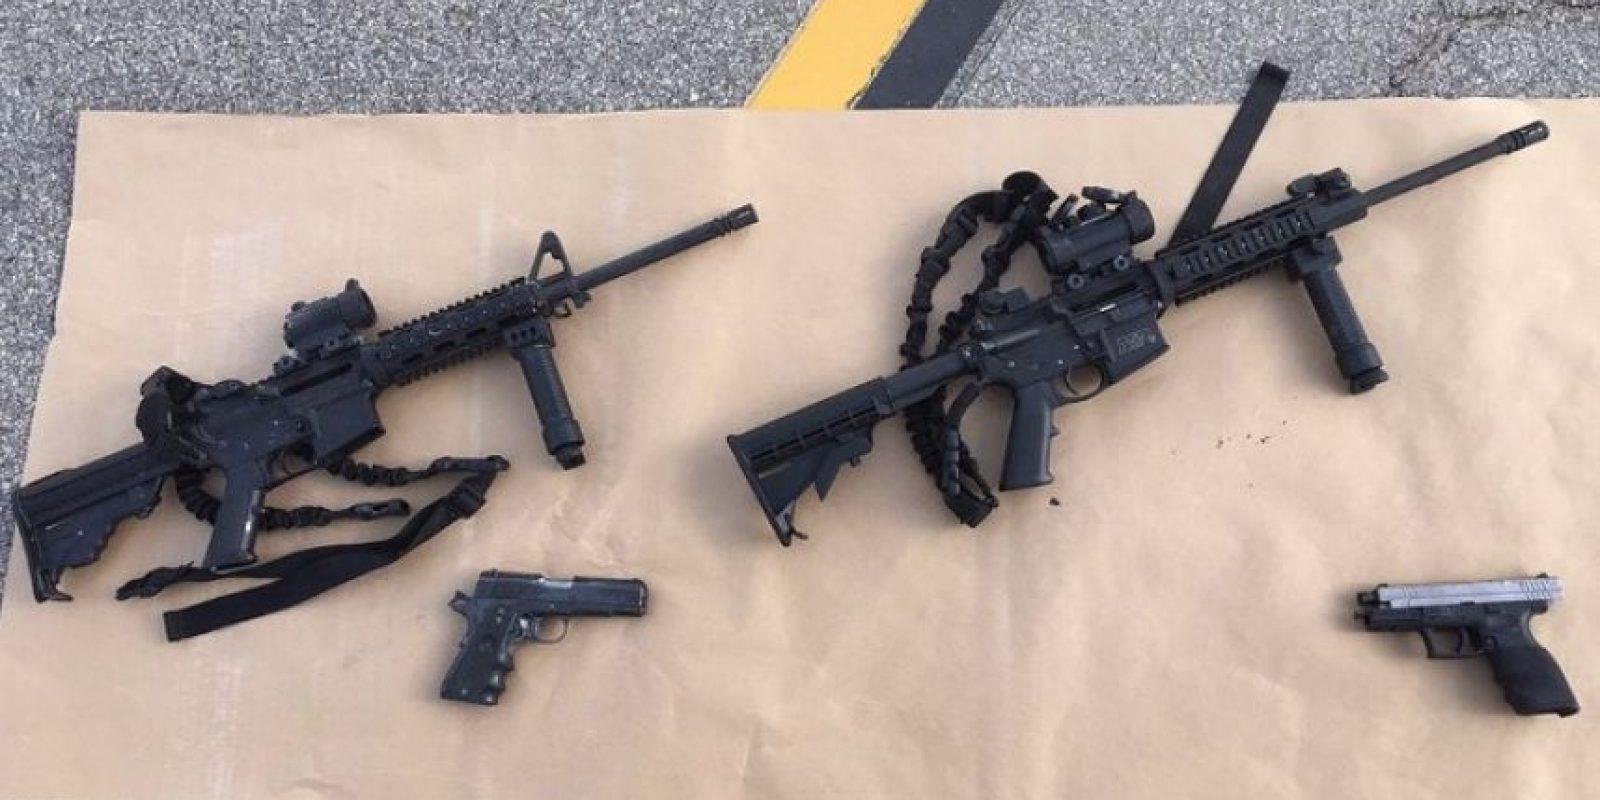 Estas encontraron un gran armamento en manos de la pareja. Foto:AFP